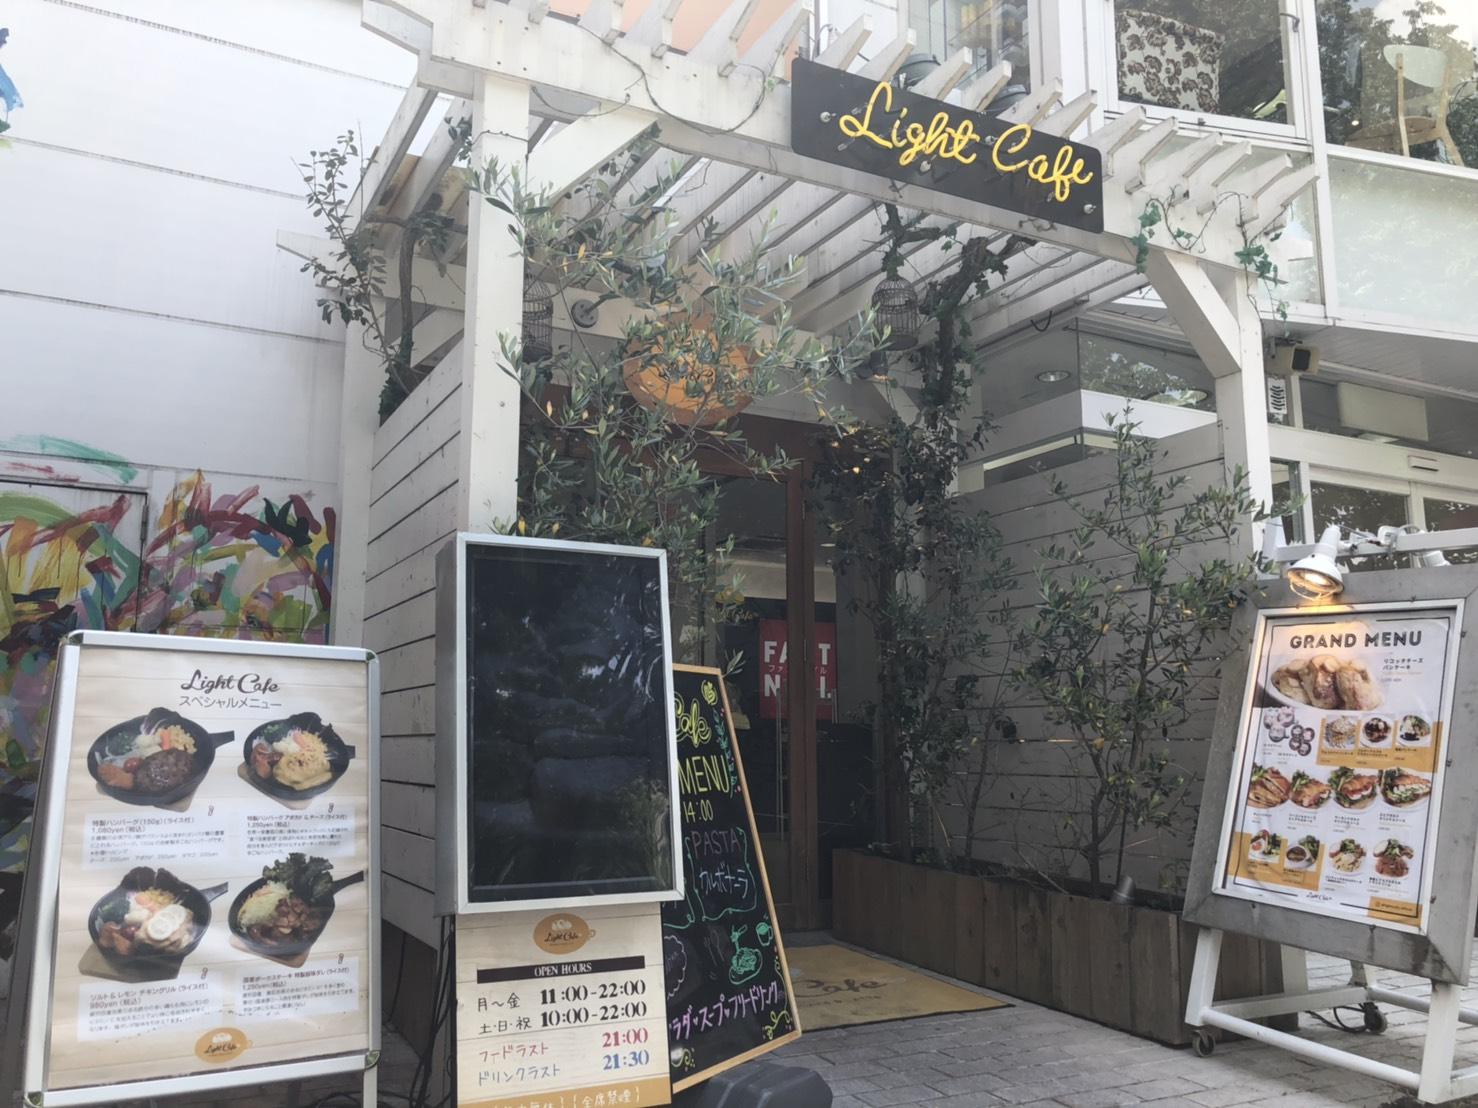 2019/6/4 萬屋住宅株式会社 ライトダイニング事業部 (Light Cafe 栄店)